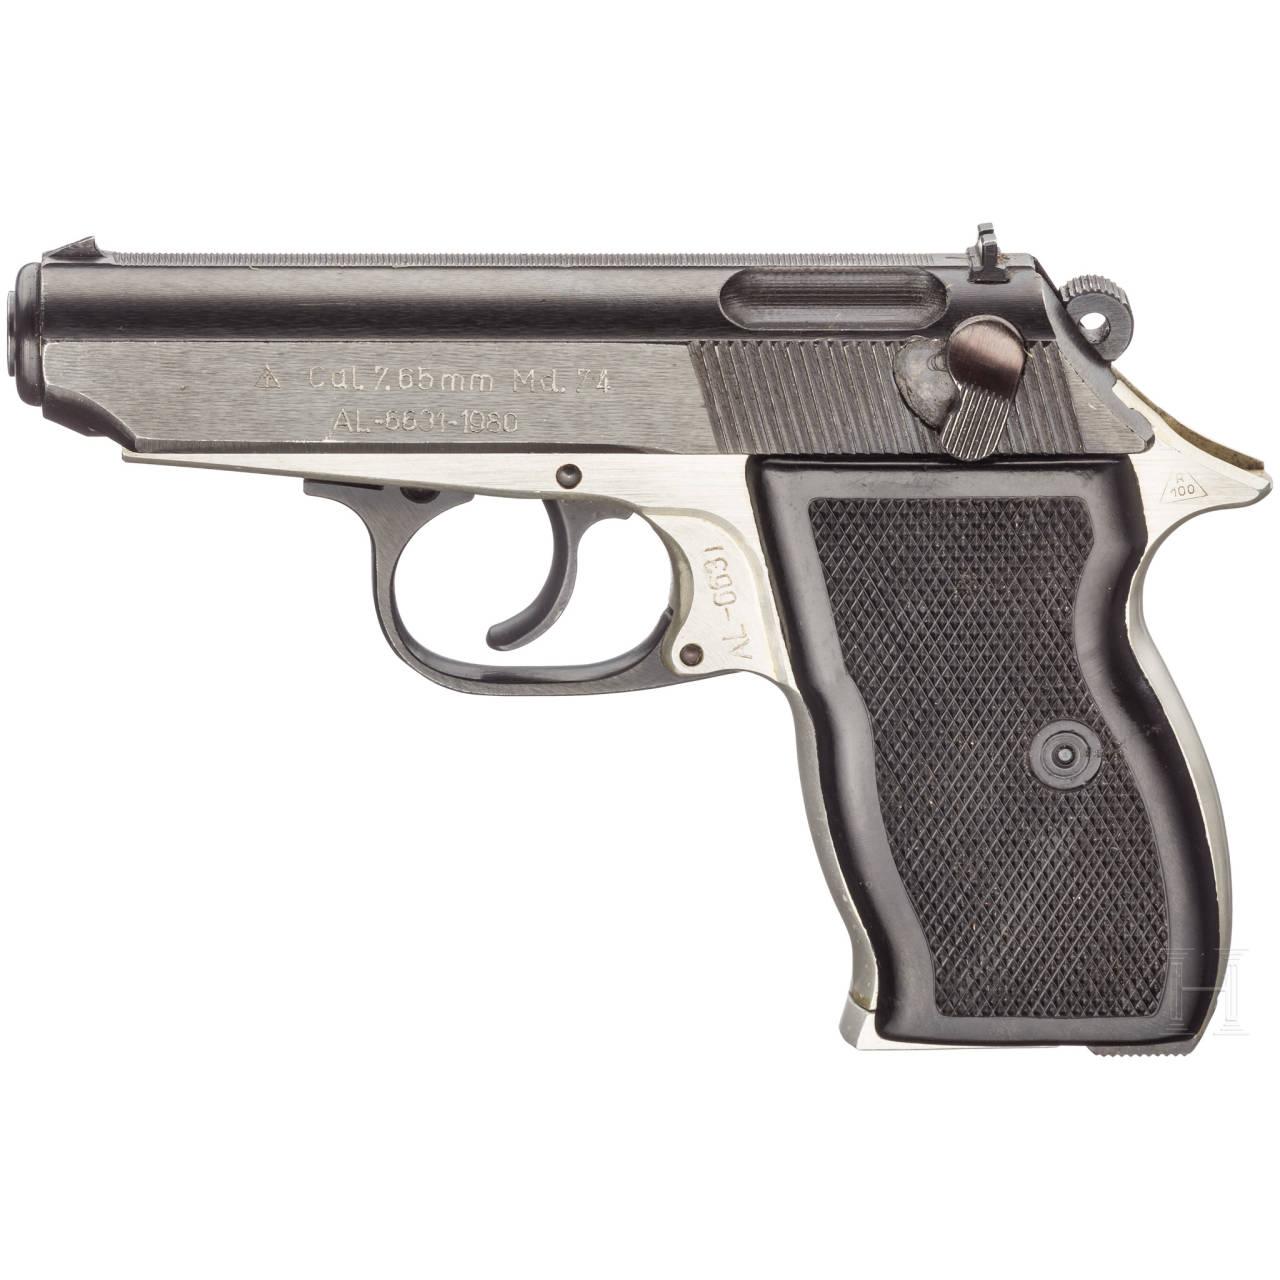 Pistole Mod. 74, mit Tasche, Securitate, Polizei und Militär